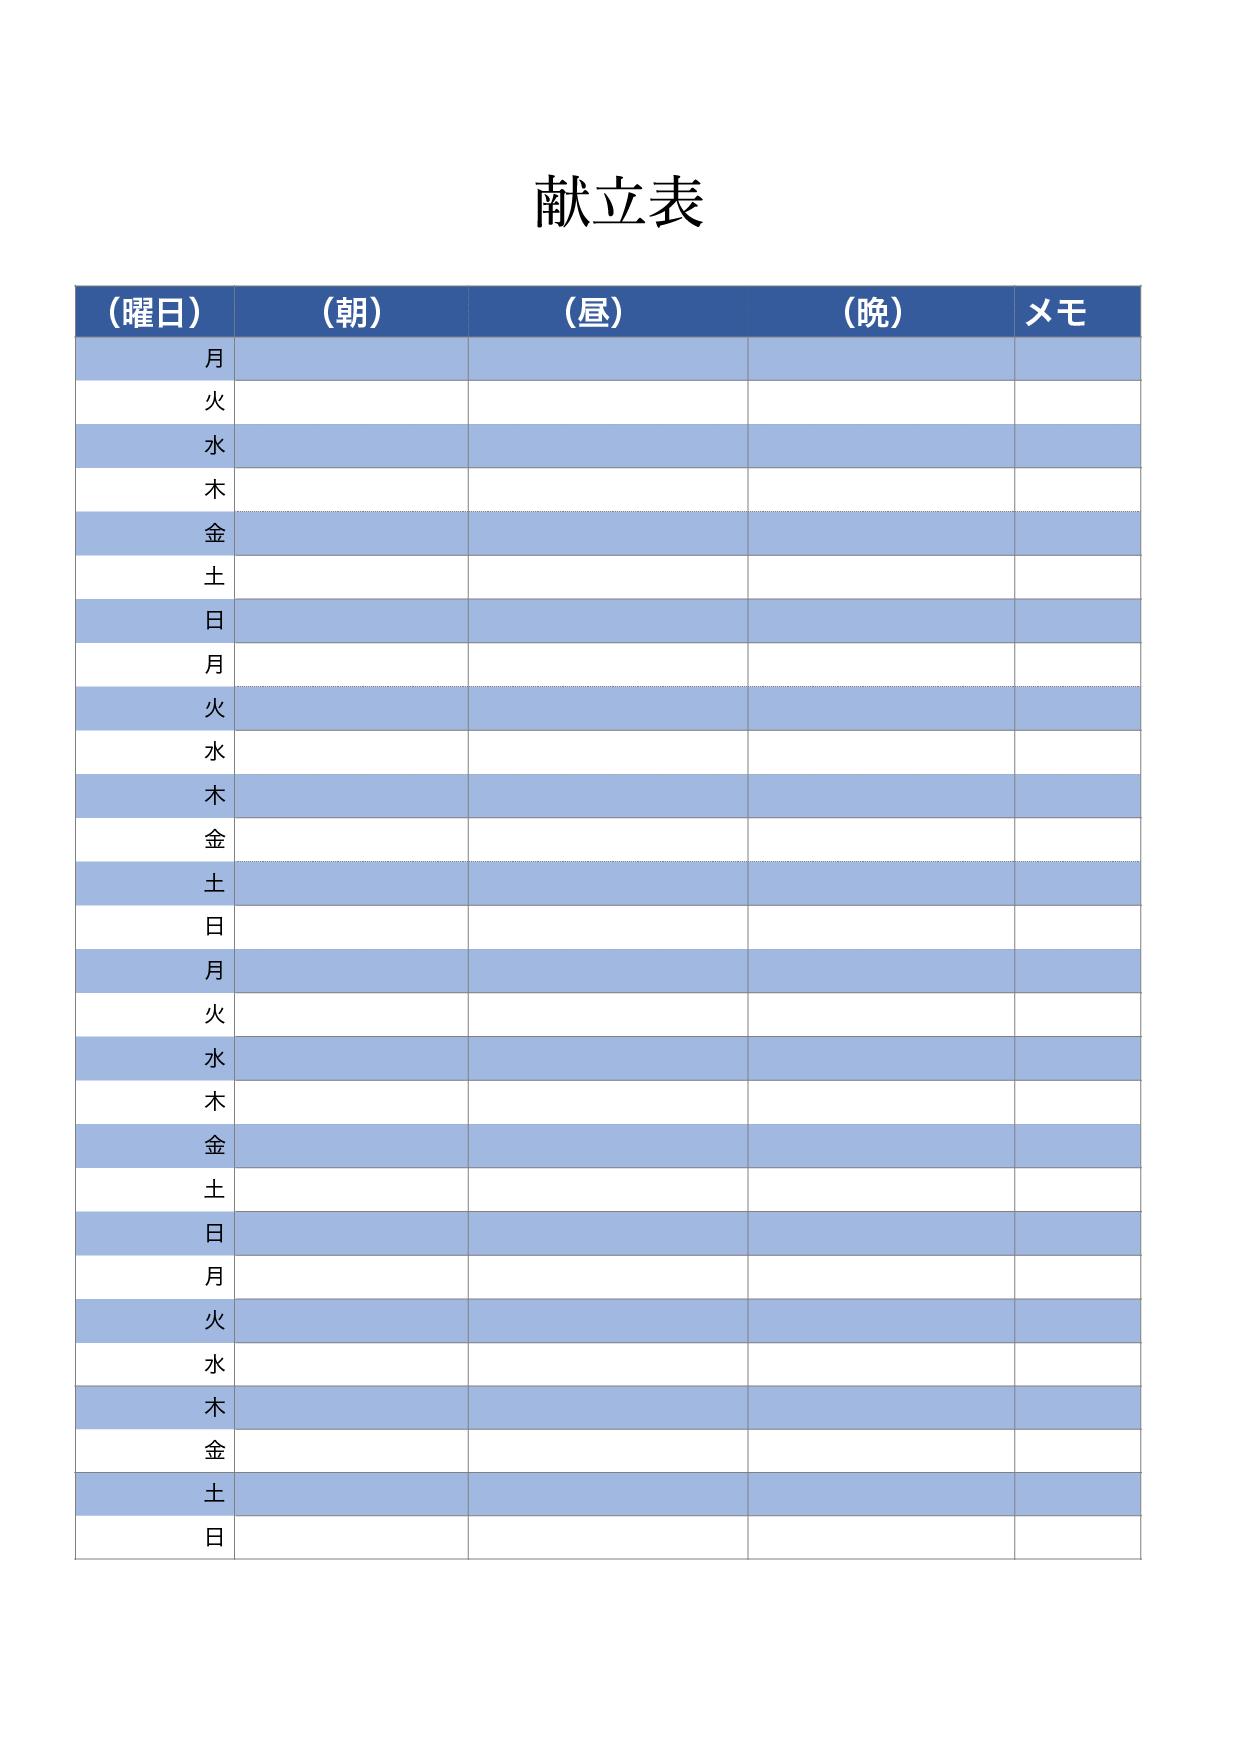 献立表テンプレート_ブルー3食4週間(ワード・ページズ)